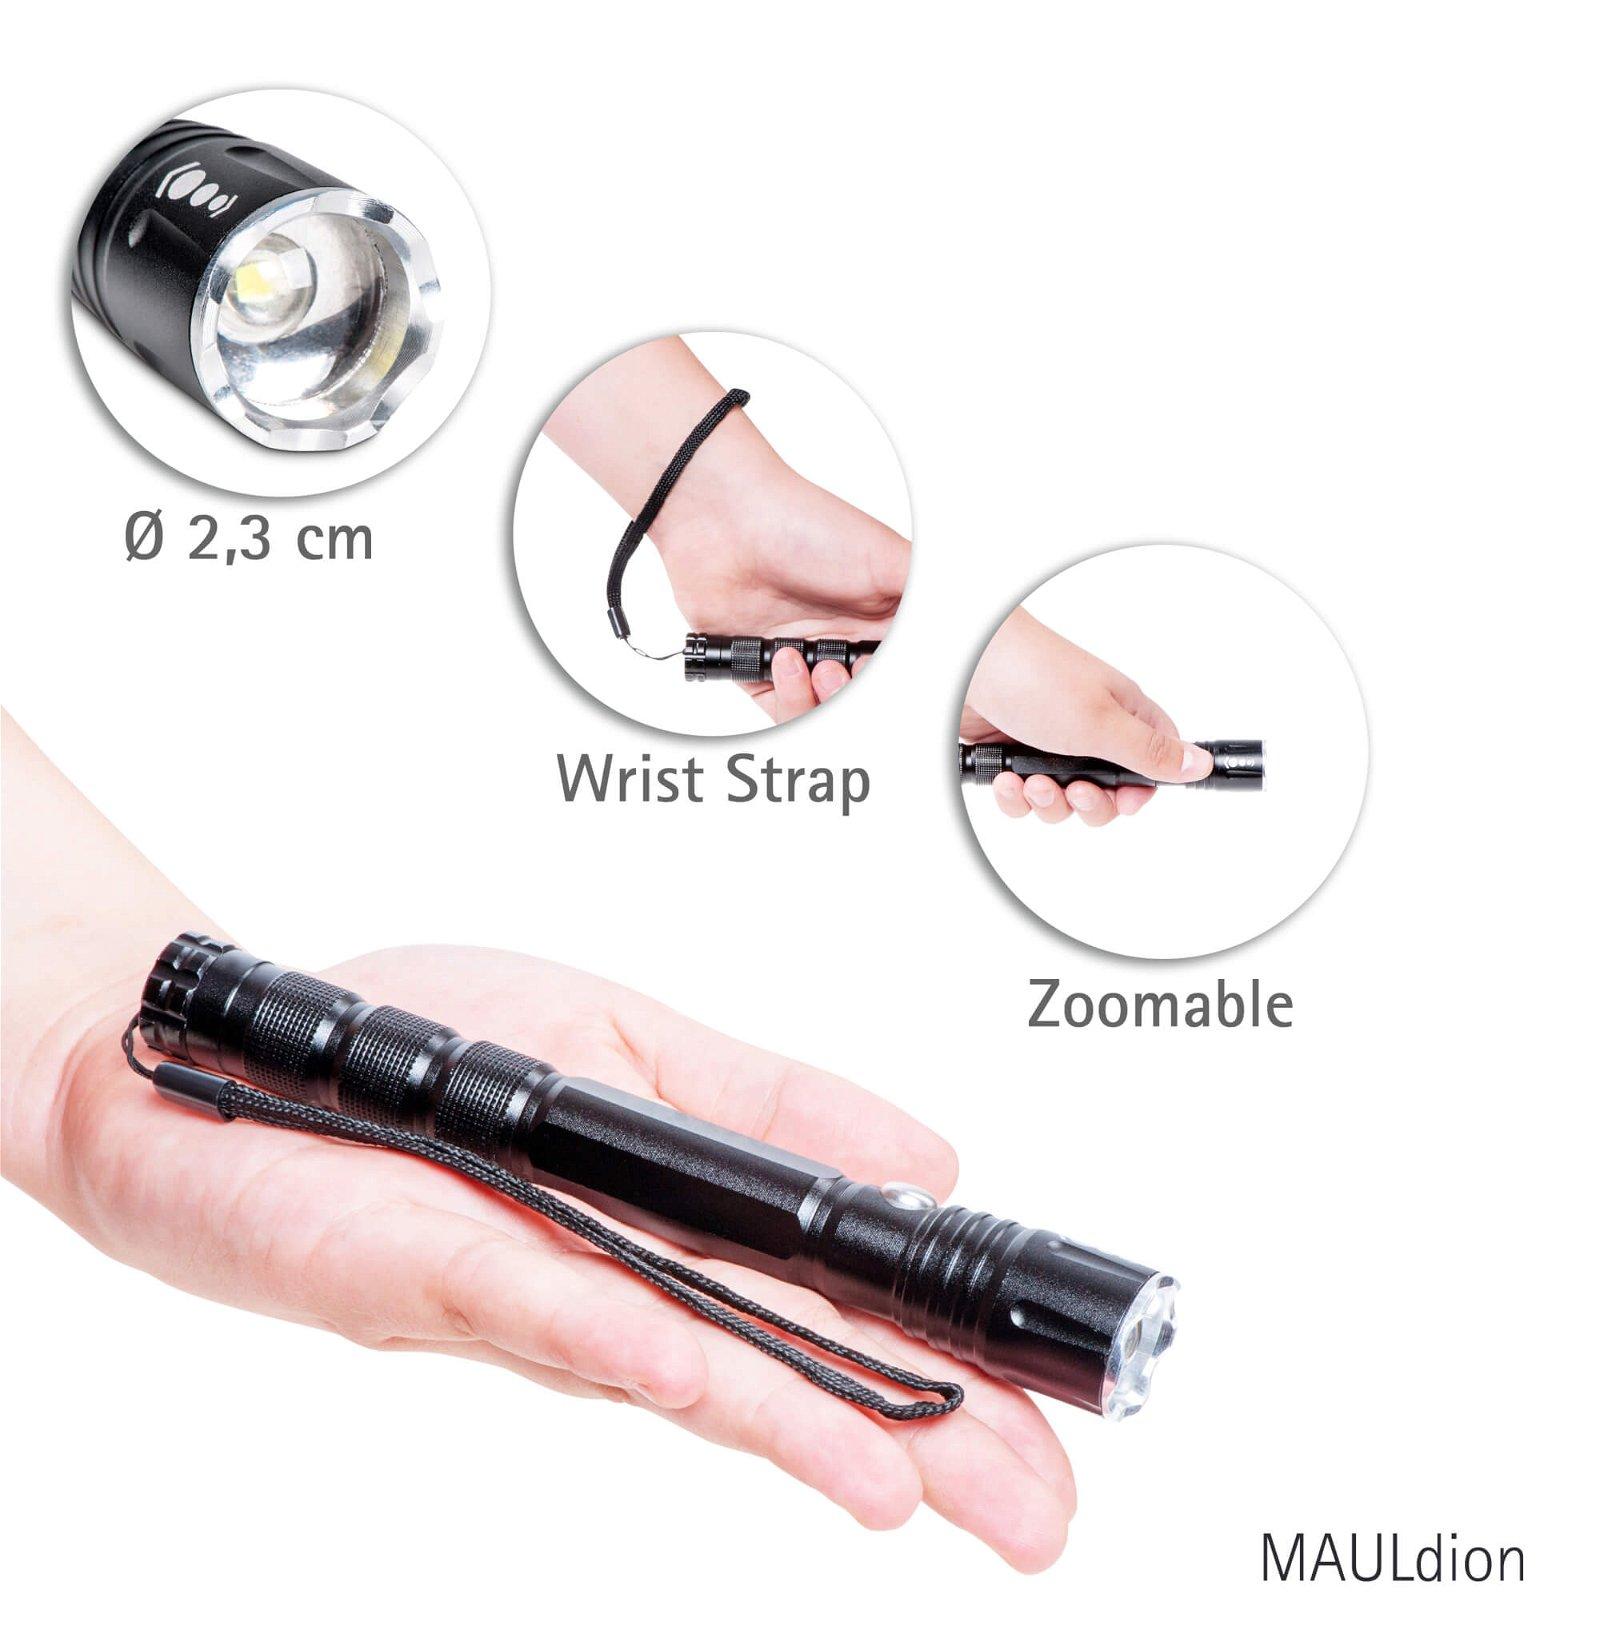 LED-Taschenlampe MAULdion Info